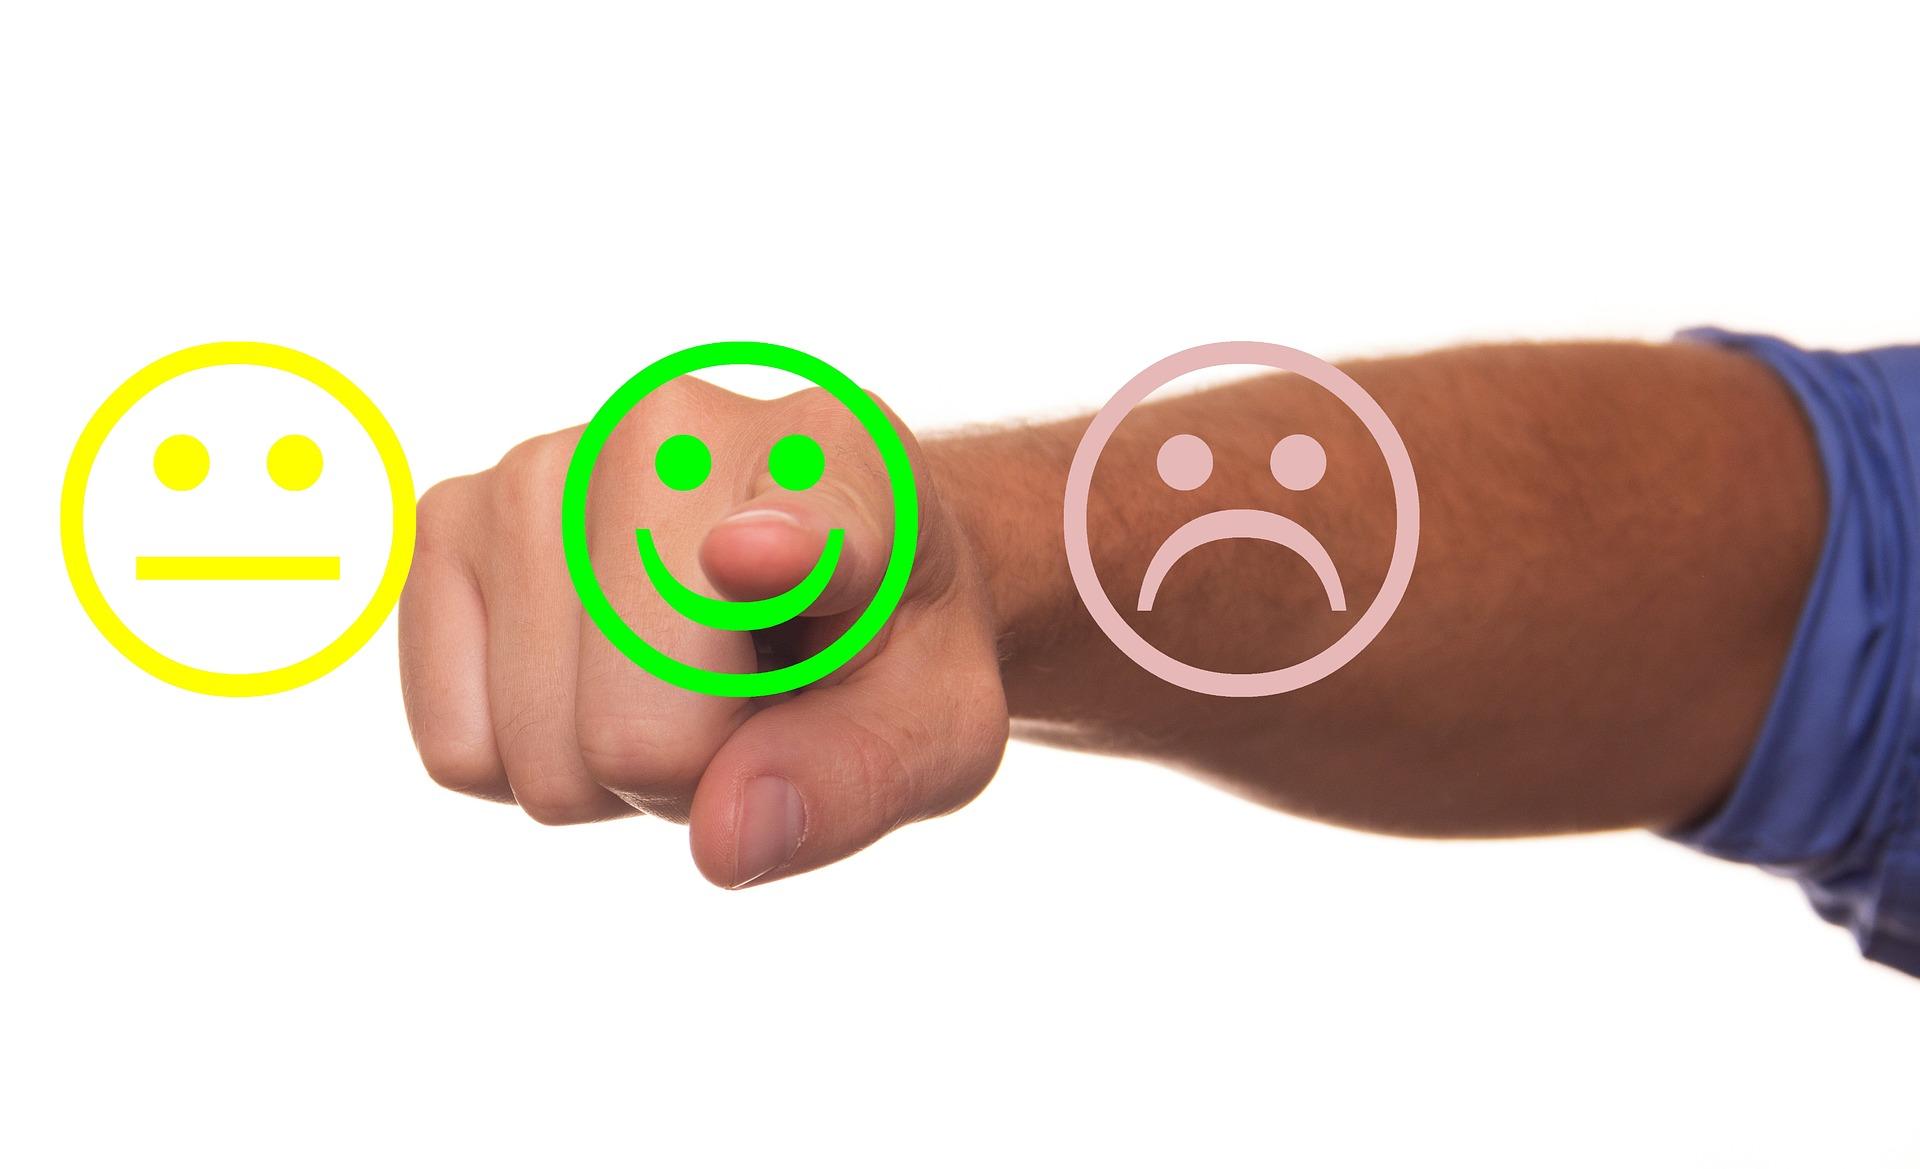 Pozytywne i negatywne komentarze o firmie